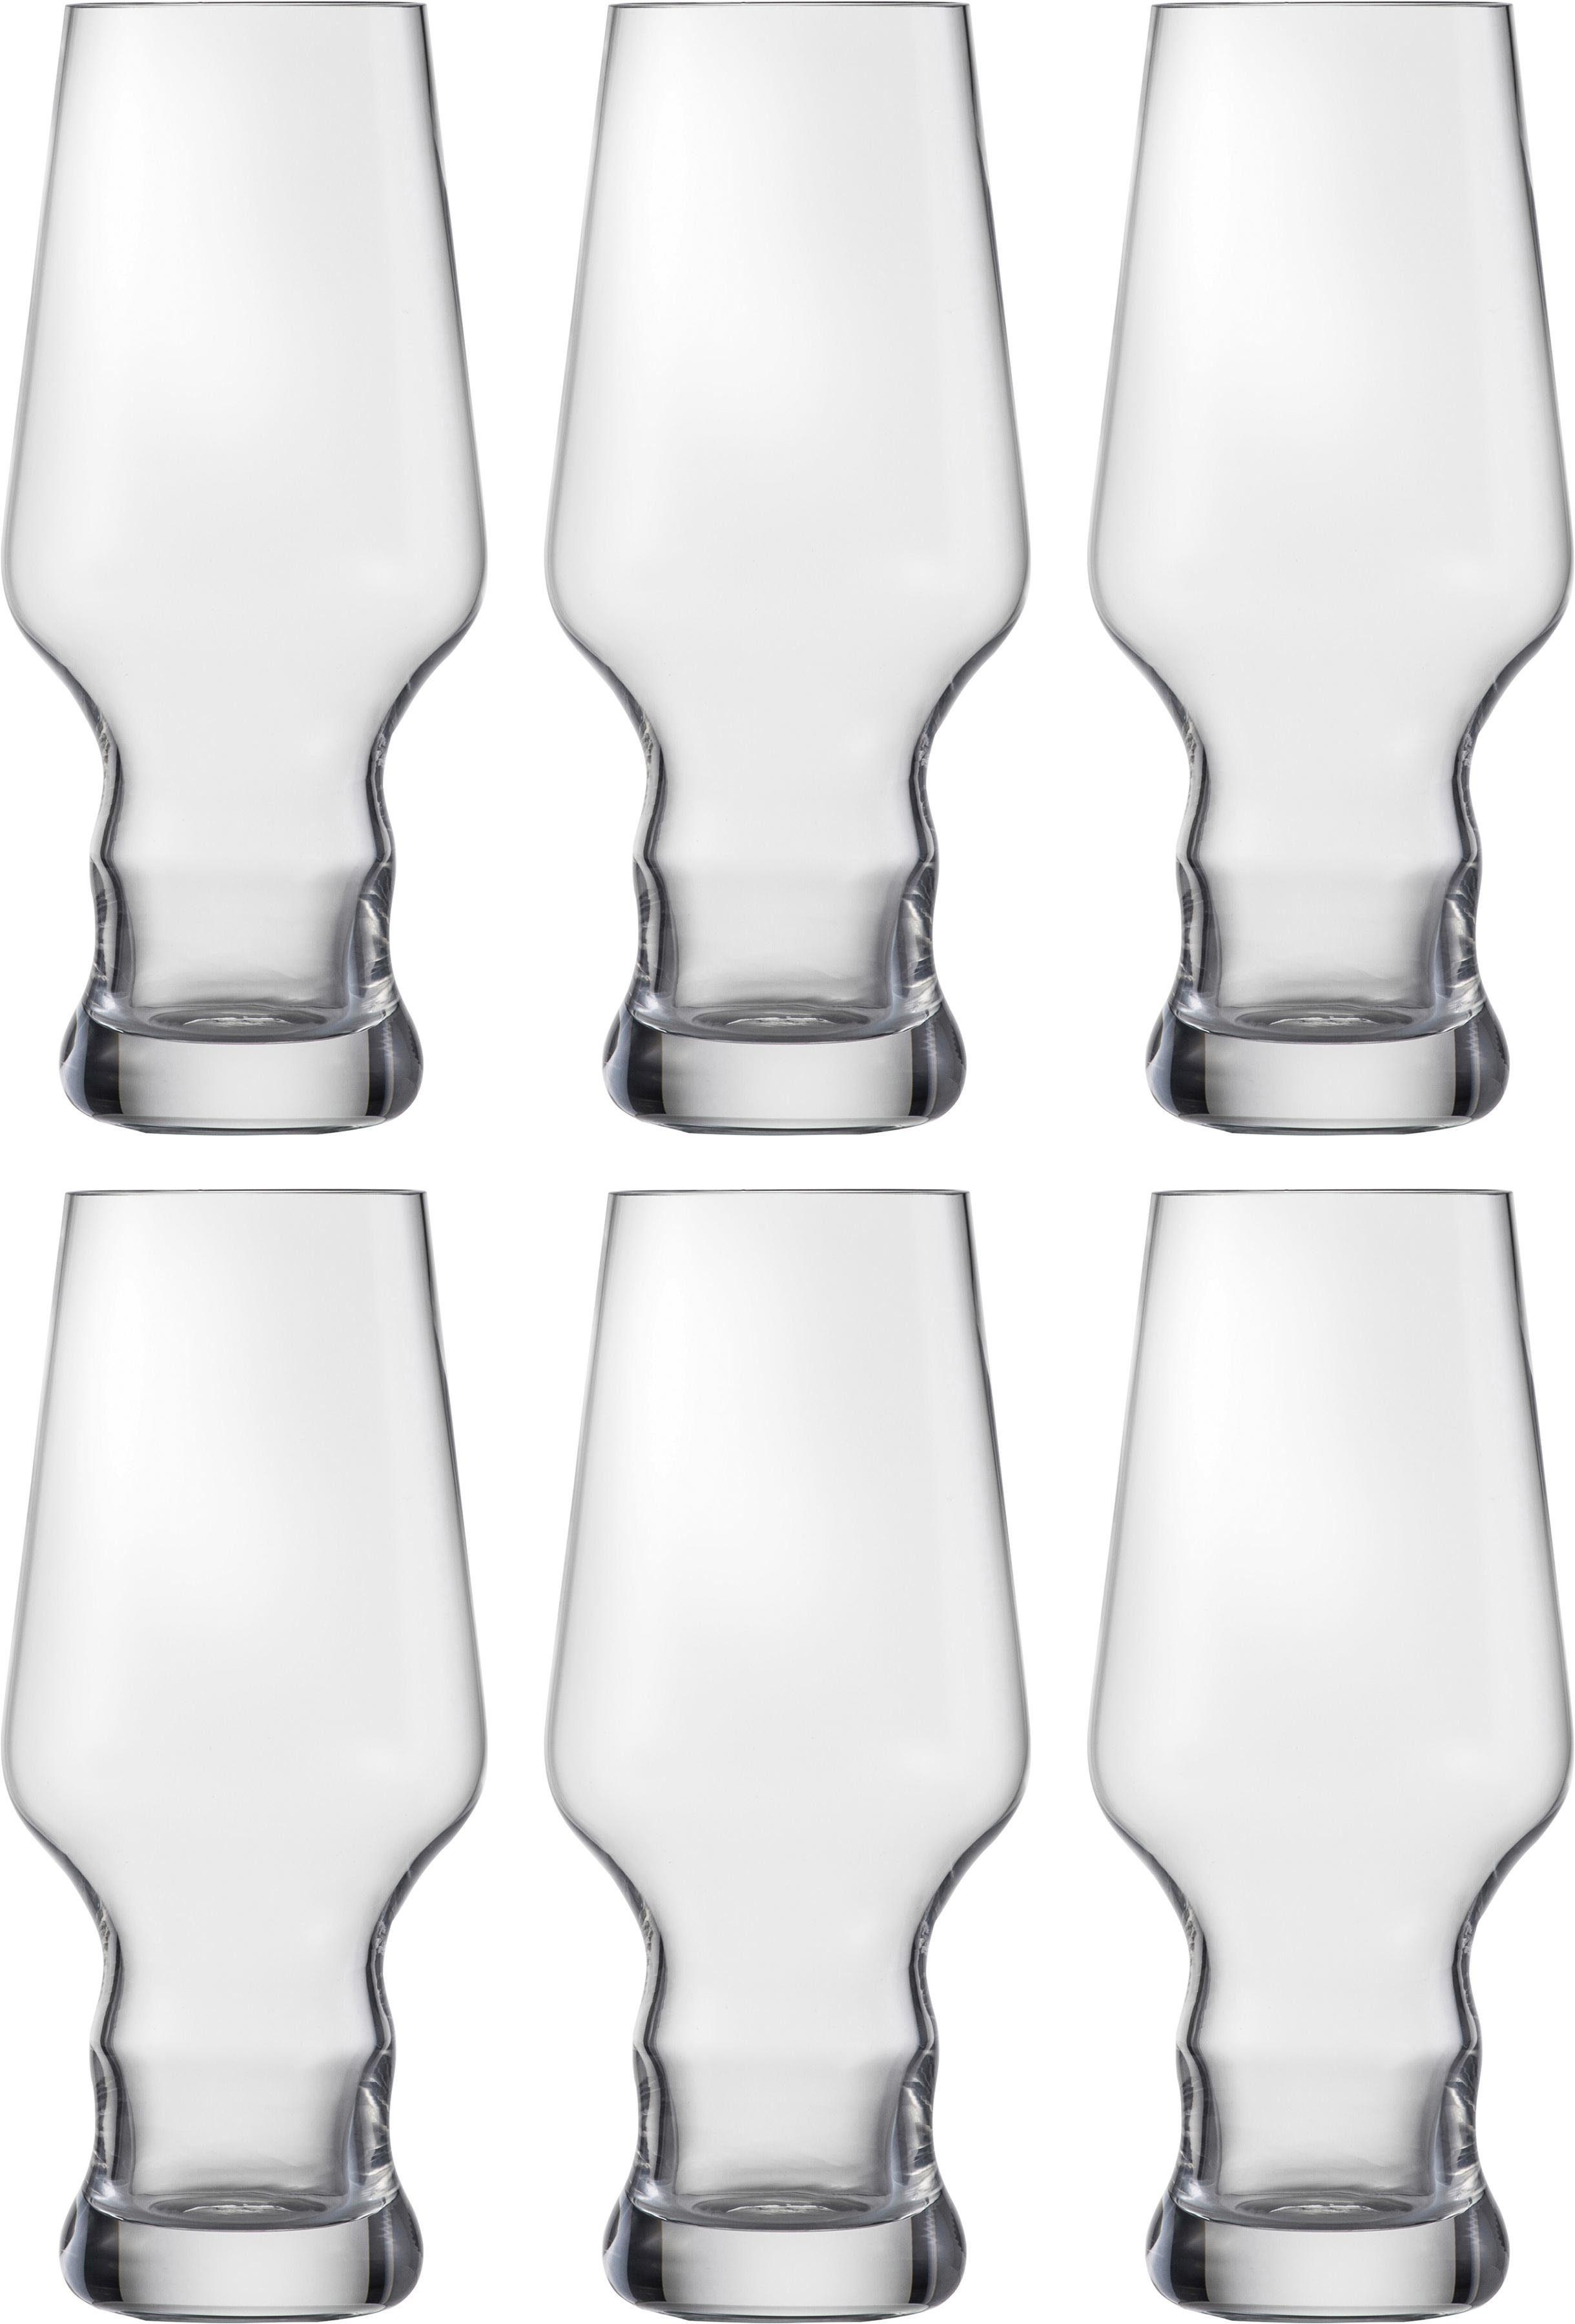 Eisch Bierglas Craft Beer Becher, (Set, 6 tlg.), bleifreies Kristallglas, 450 ml farblos Kristallgläser Gläser Glaswaren Haushaltswaren